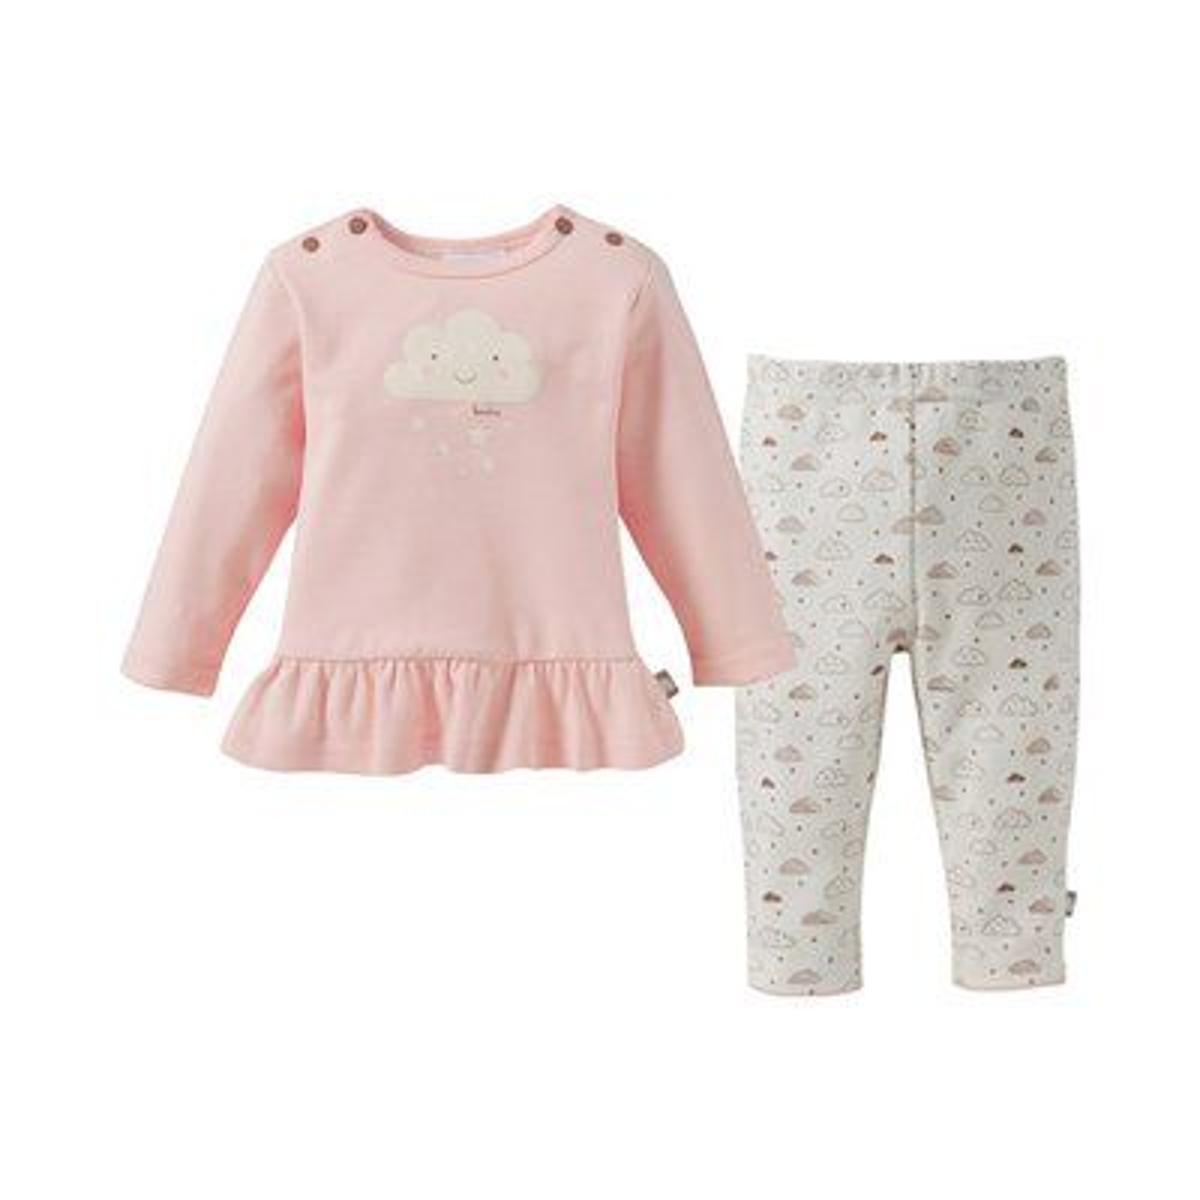 Bornino Le pyjama long pyjama bébé tenues de nuit bébé